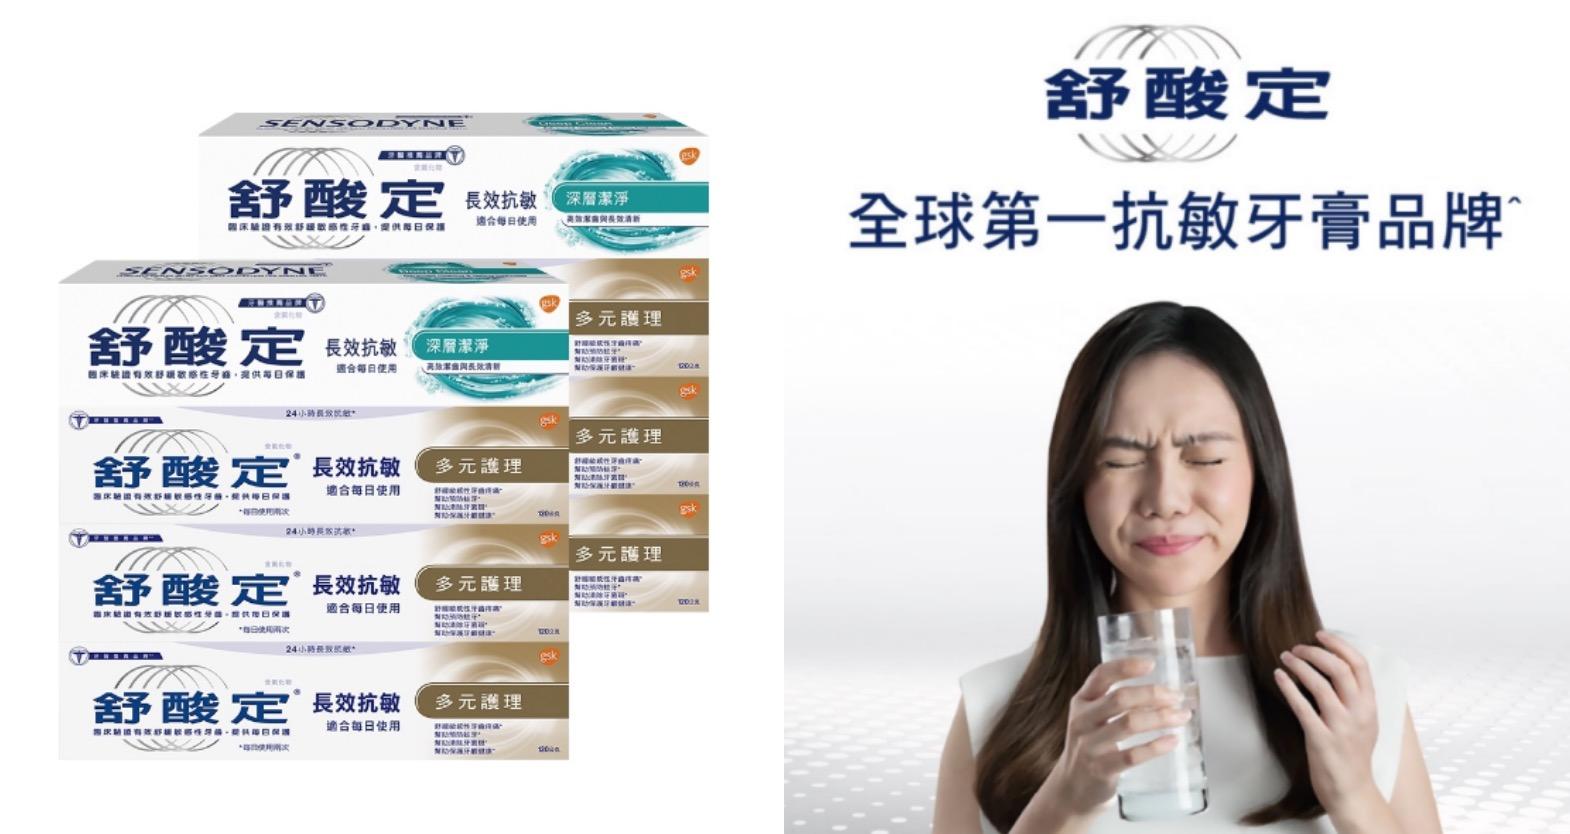 獨特抗敏配方能深入牙齒內部,有效舒緩敏感酸痛,搭配細緻泡沫能深度清潔,牙醫建議天天使用,有效提供抗敏防護。